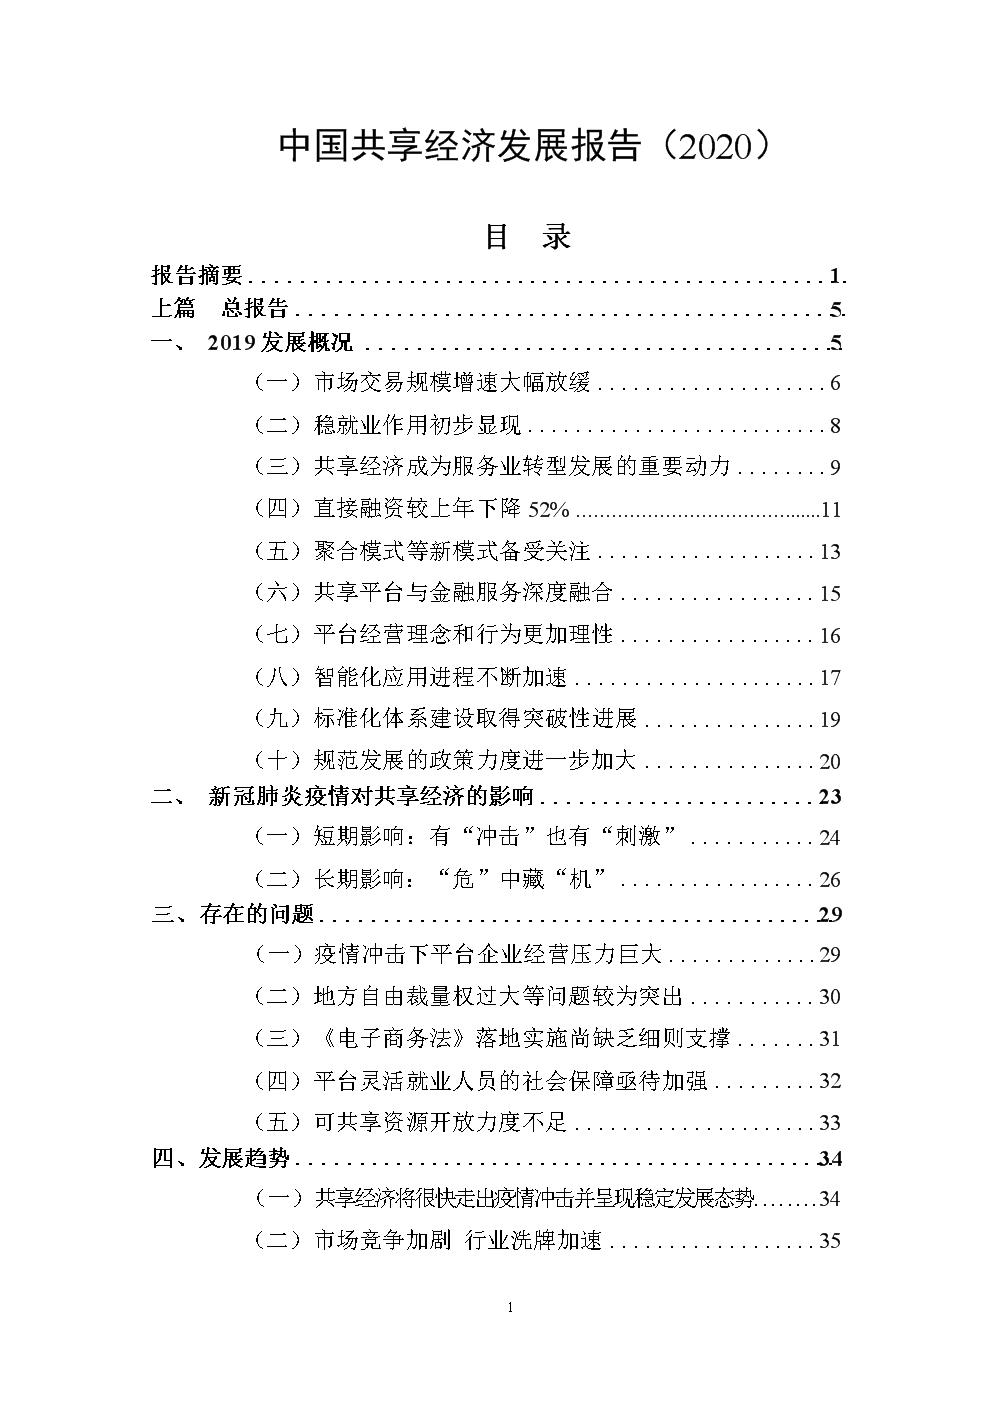 2020年中国共享经济发展报告.docx